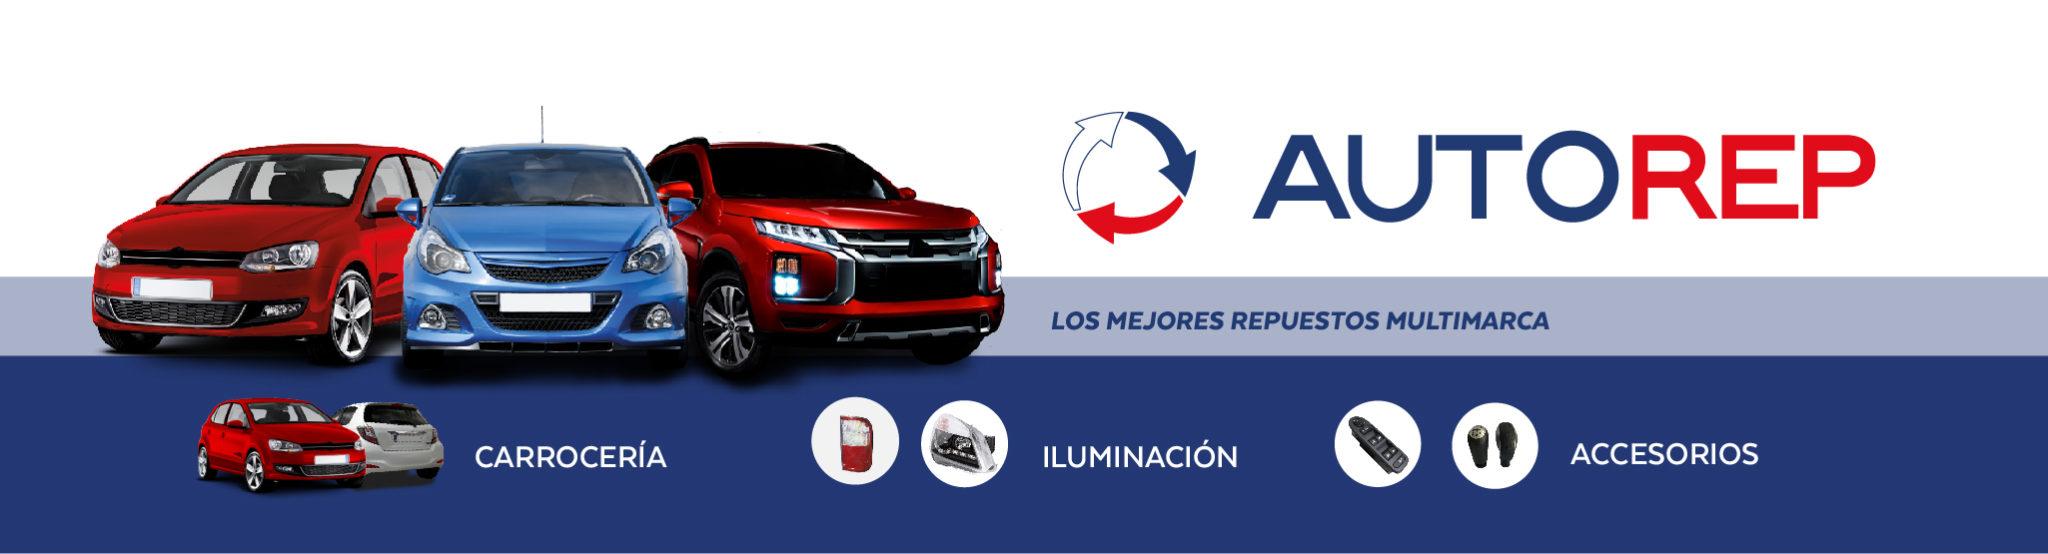 Banner de los servicios de autorep: carrocería, iluminación y accesorios